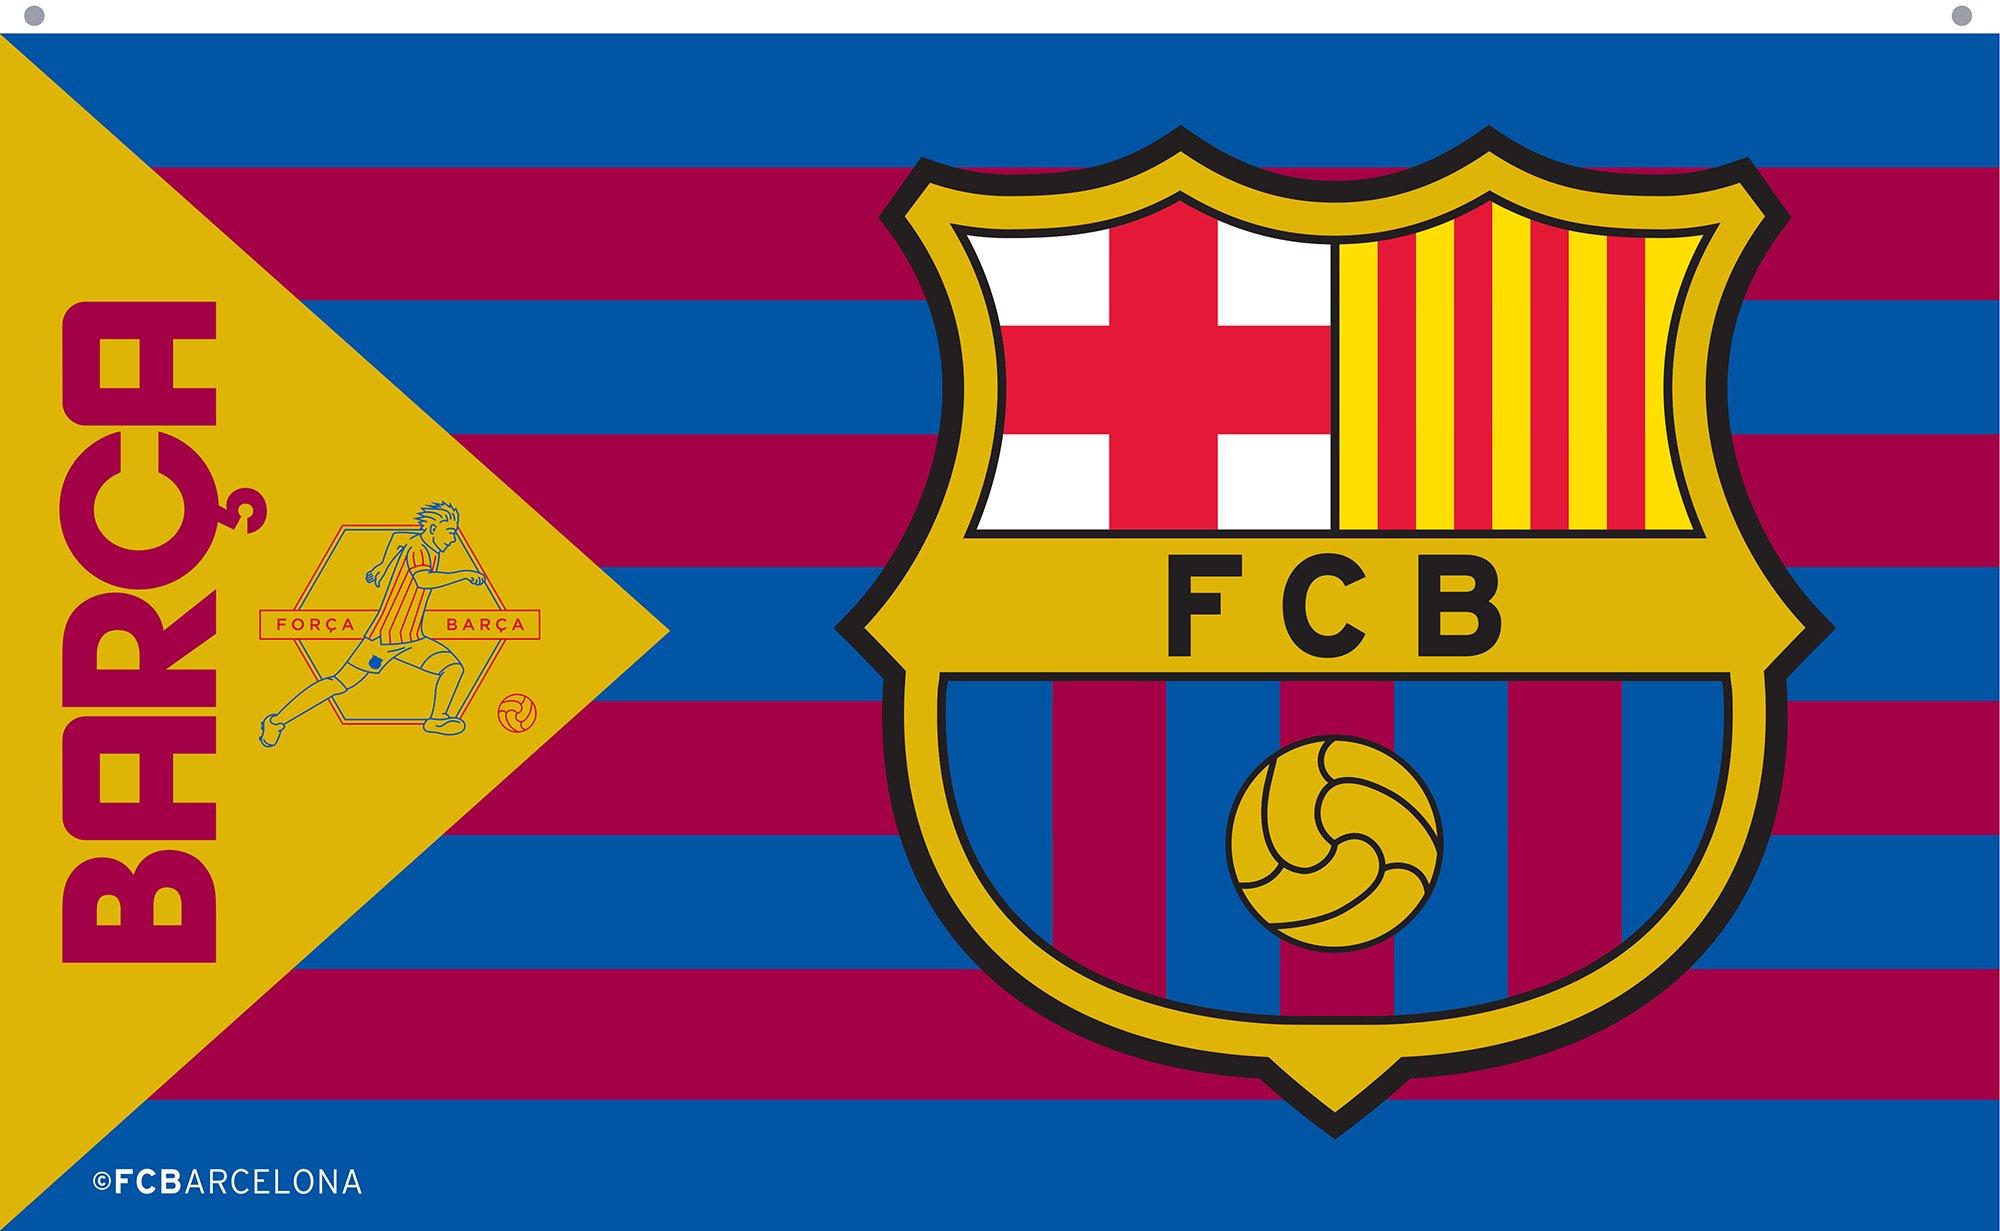 f c barcelona flag bw buy online in botswana at desertcart desertcart